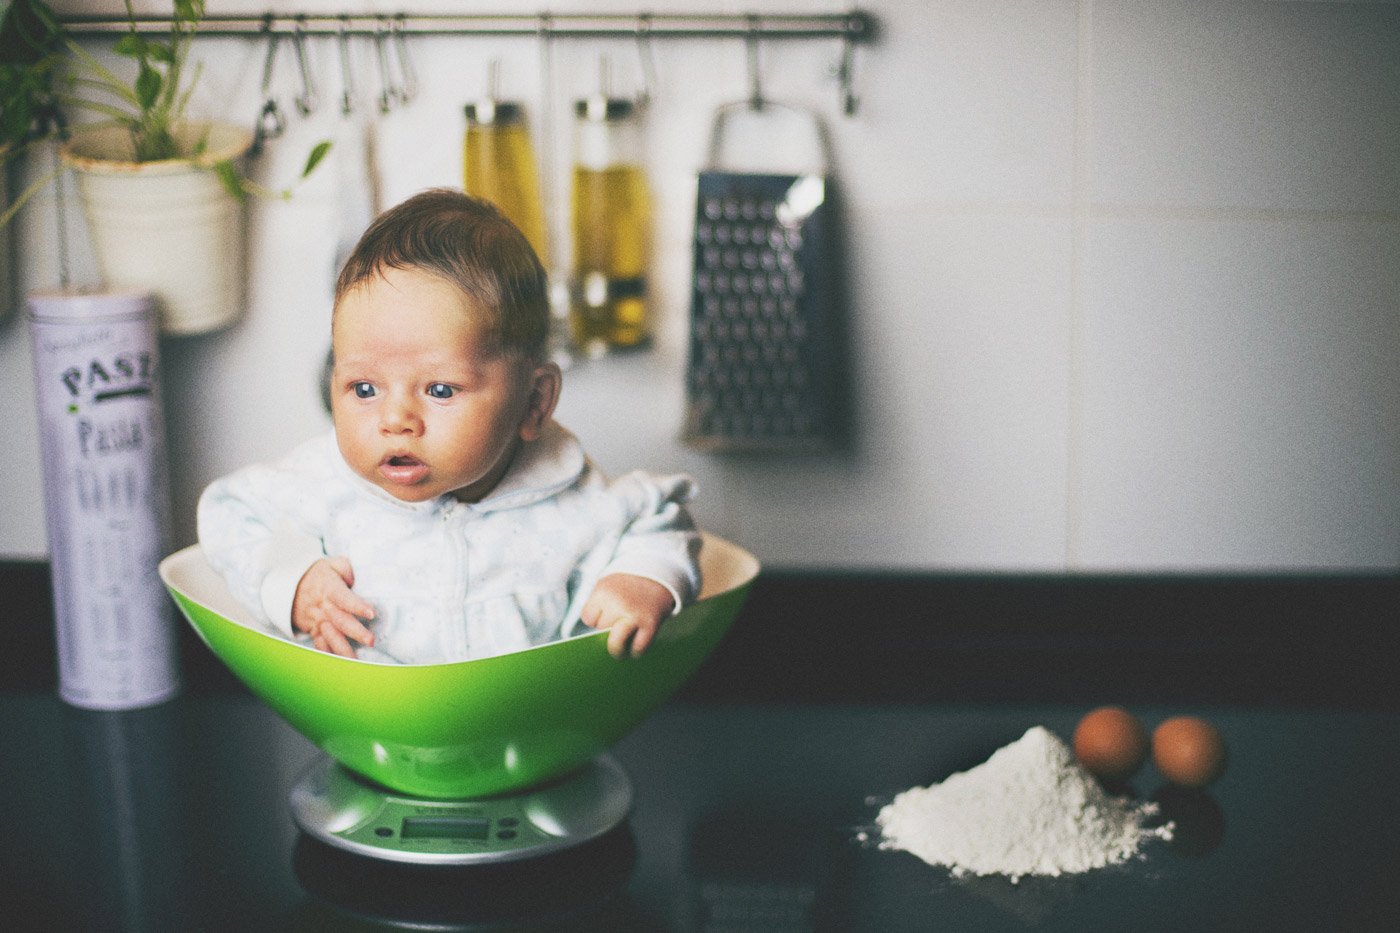 niño en la cocina como parte de una receta para niños comestibles